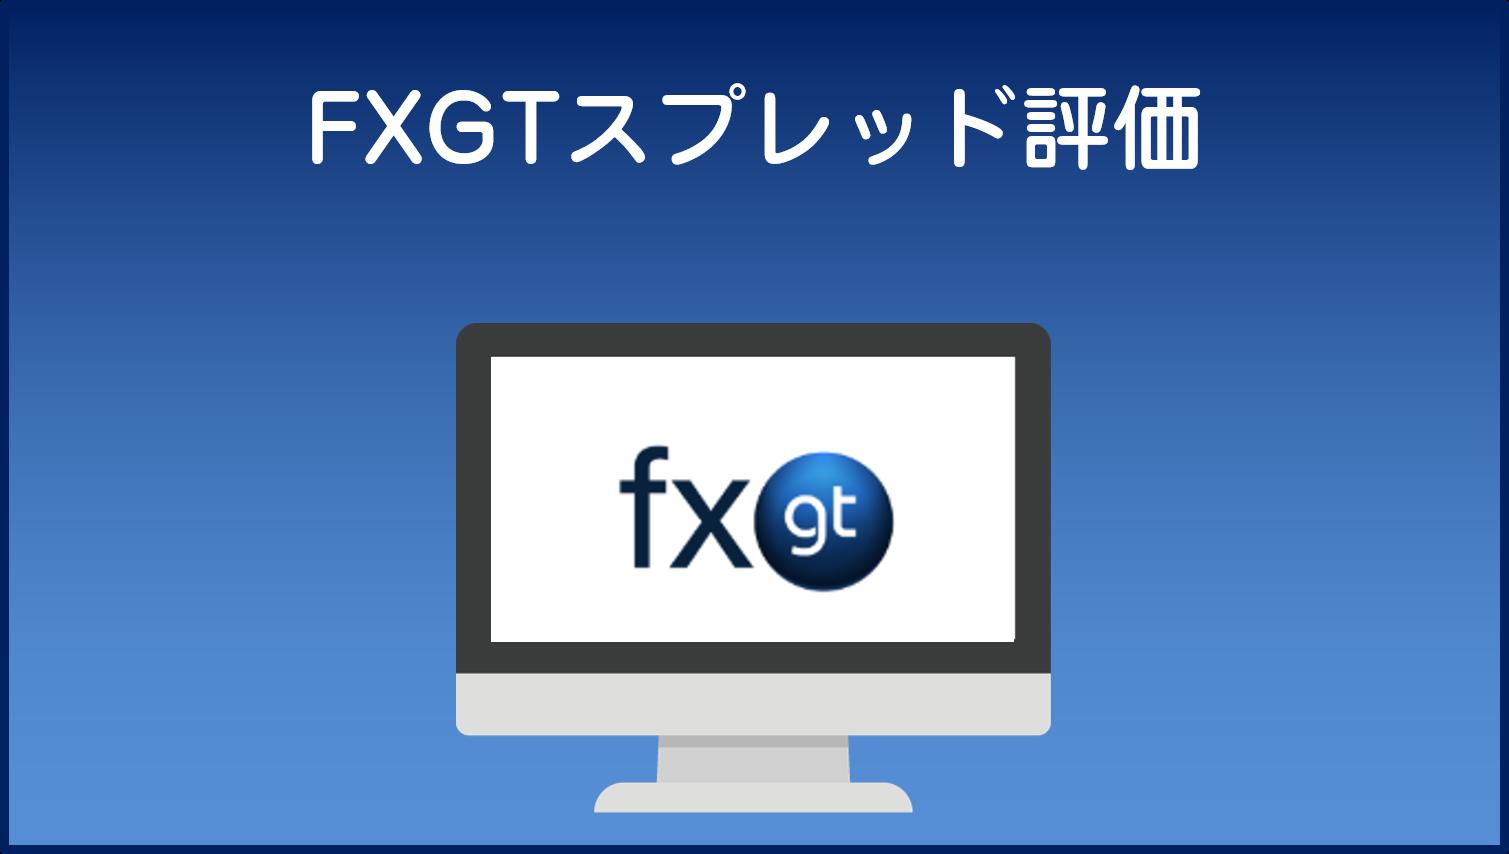 FXGTスプレッド評価